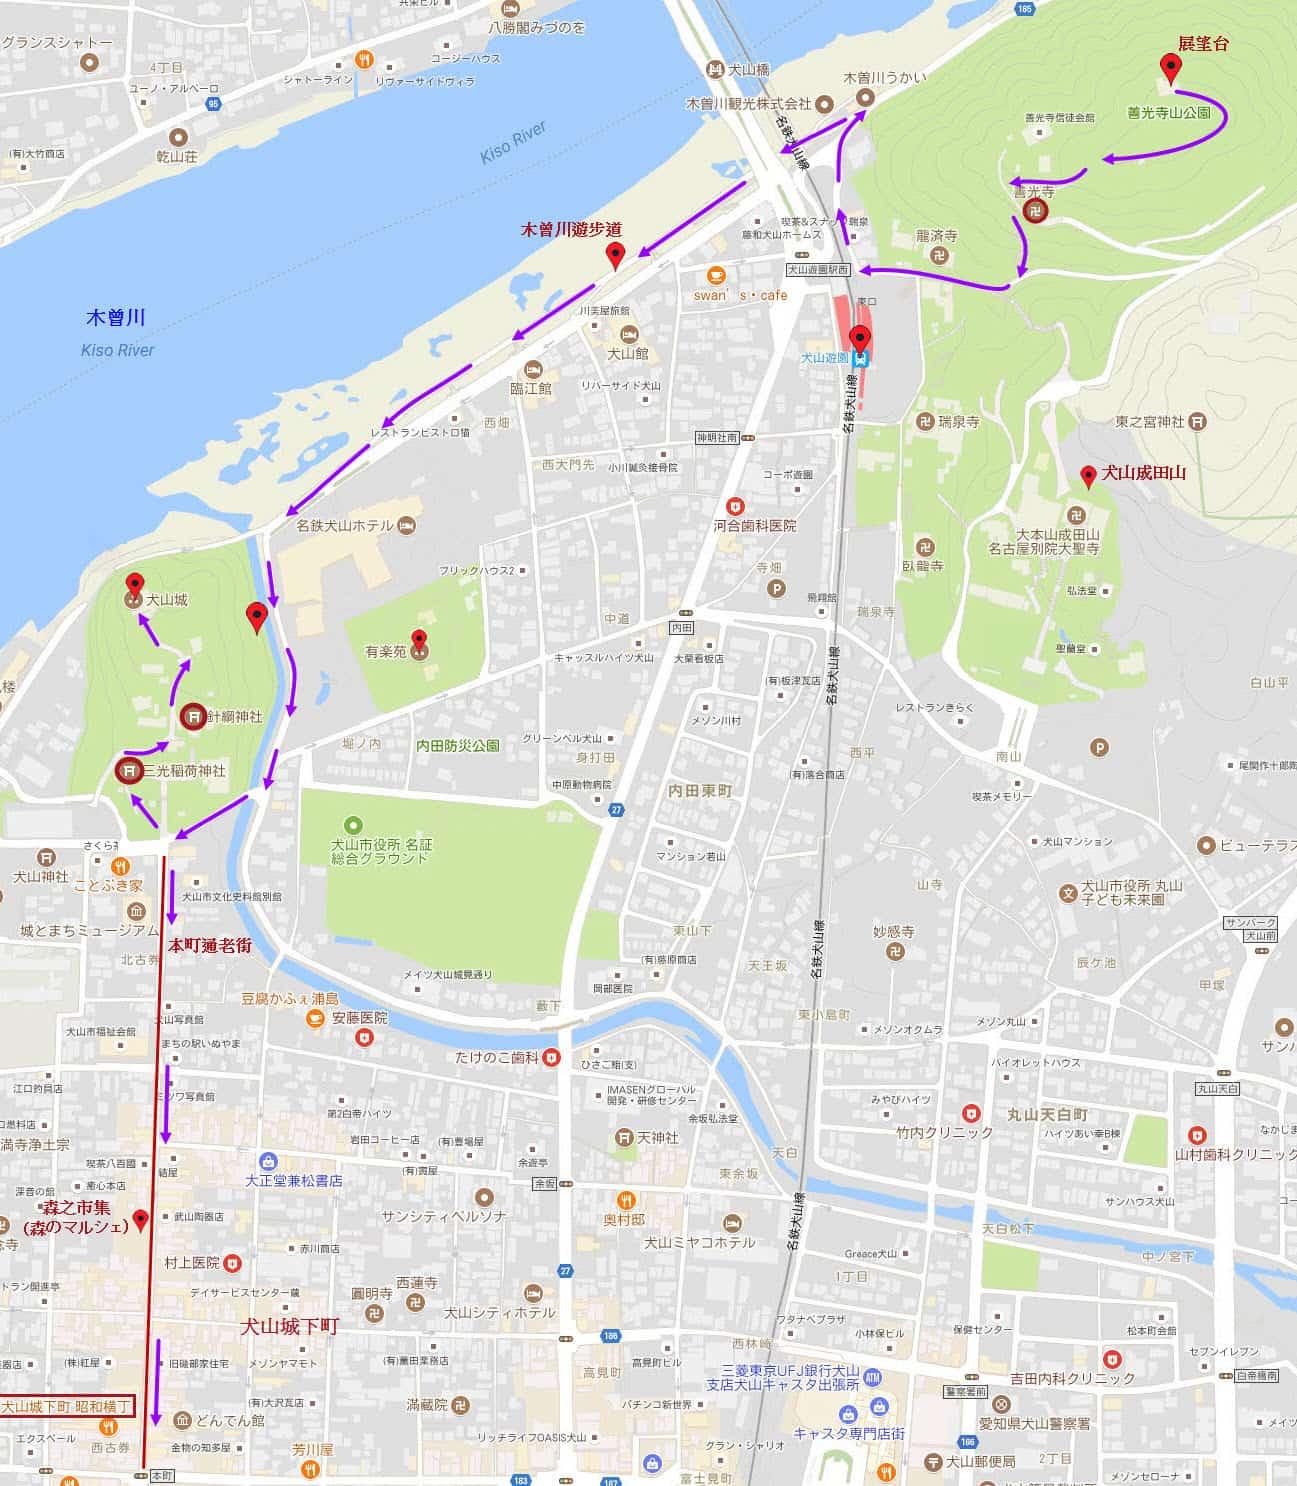 犬山善光寺山公園山頂展望台步行往犬山城路線圖